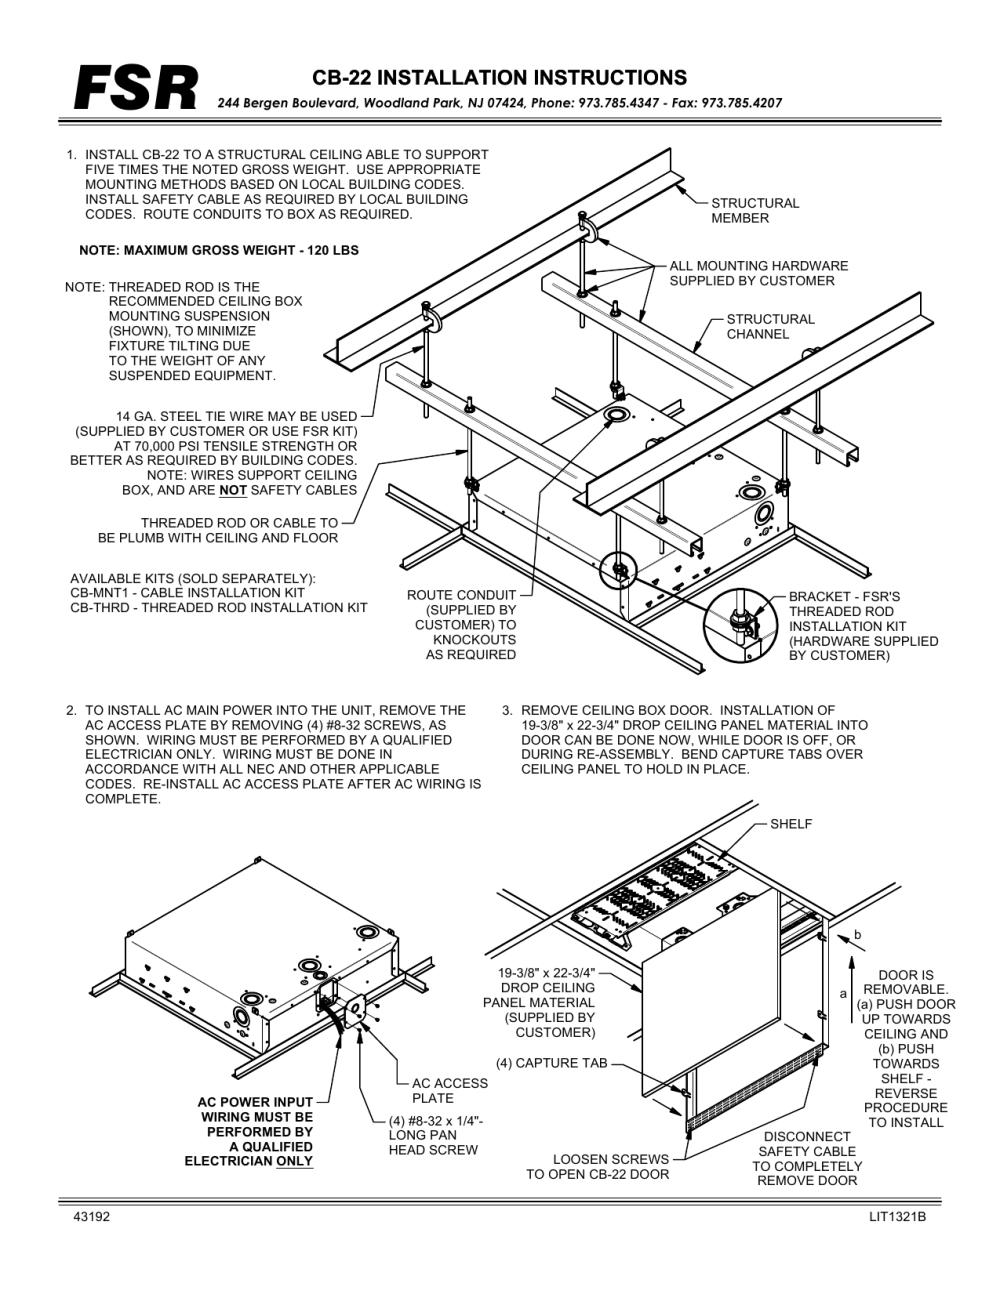 medium resolution of cb 22 installation instructions cb 22 installation instructions manualzz com